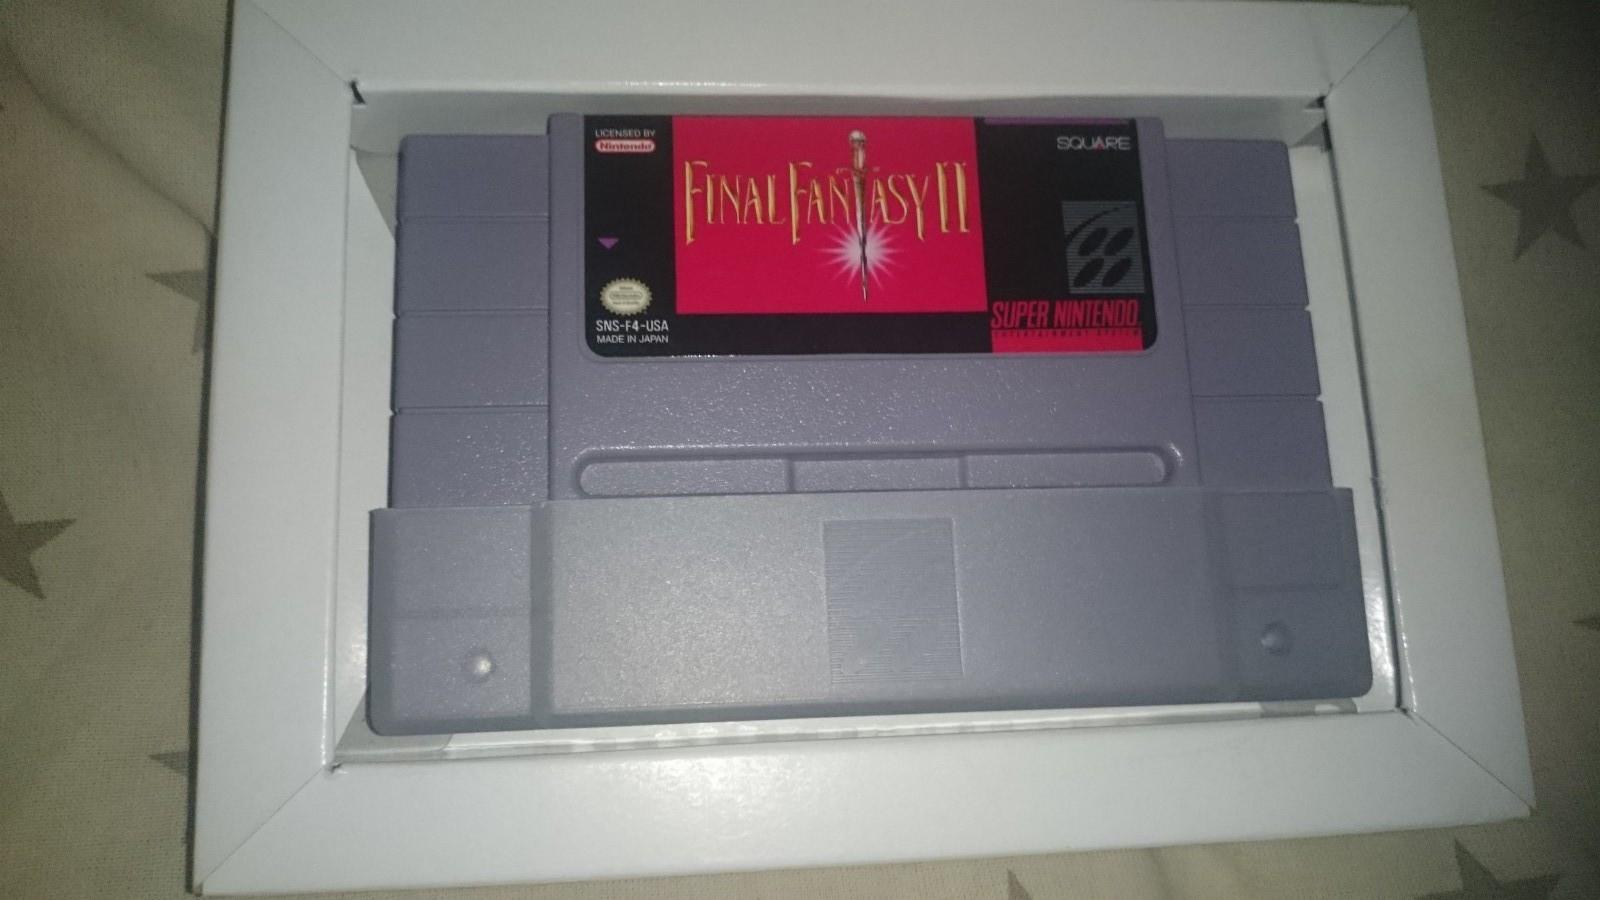 Final Fantasy II US versjon - Skien  - Final Fantasy II  kan kun bruker på amerikansk SNES konsoll  er komplett med boks, manual og plakater, har testa det og funket helt fint - Skien